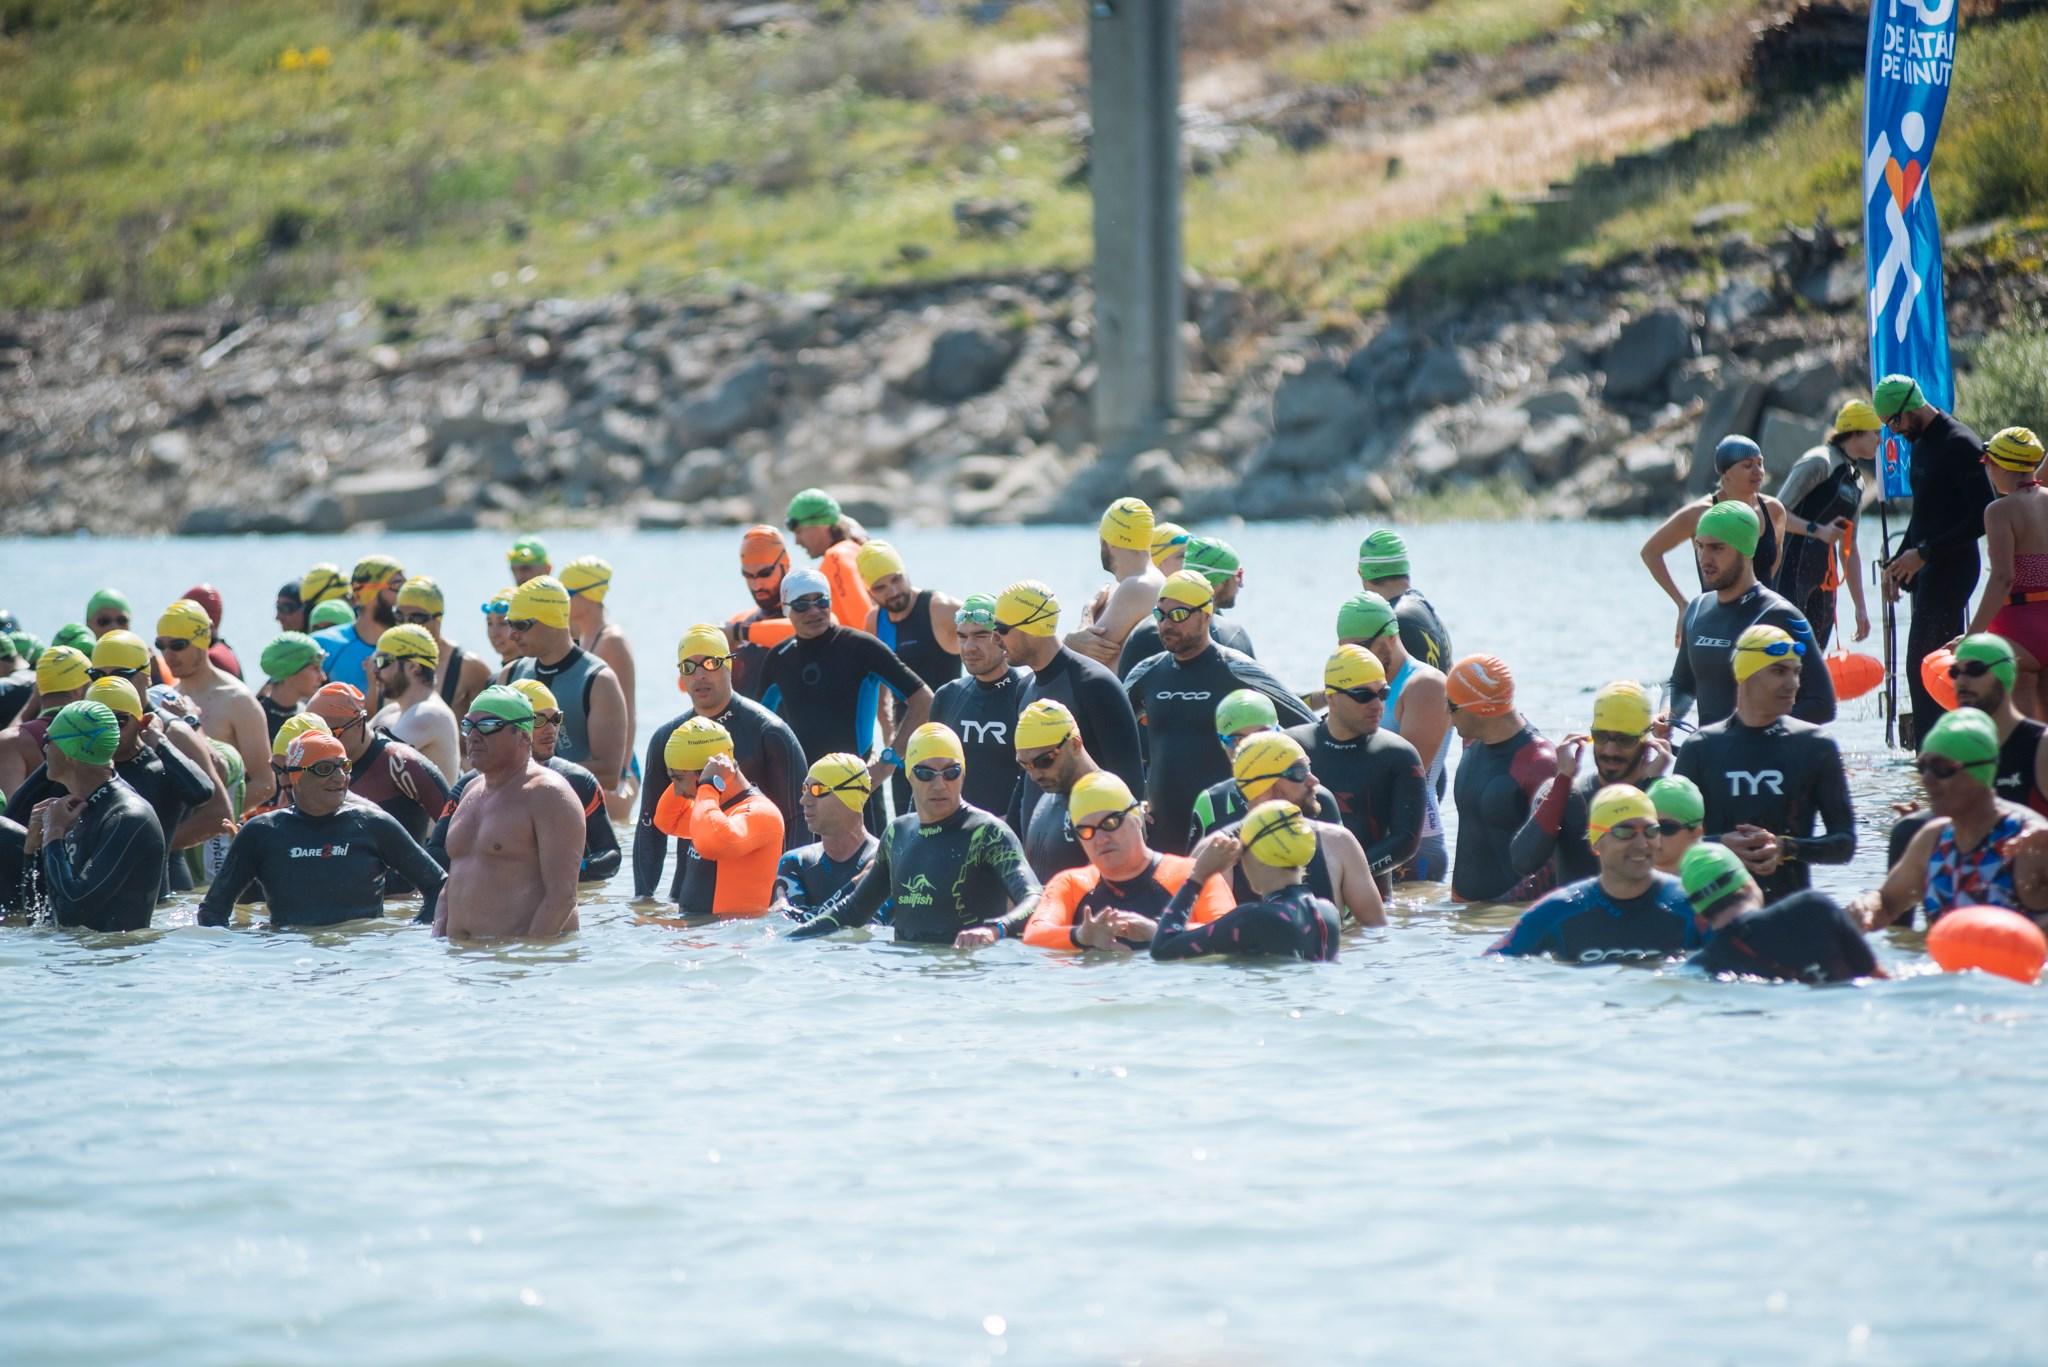 Fără Asfalt la Munte 2019 - start înot